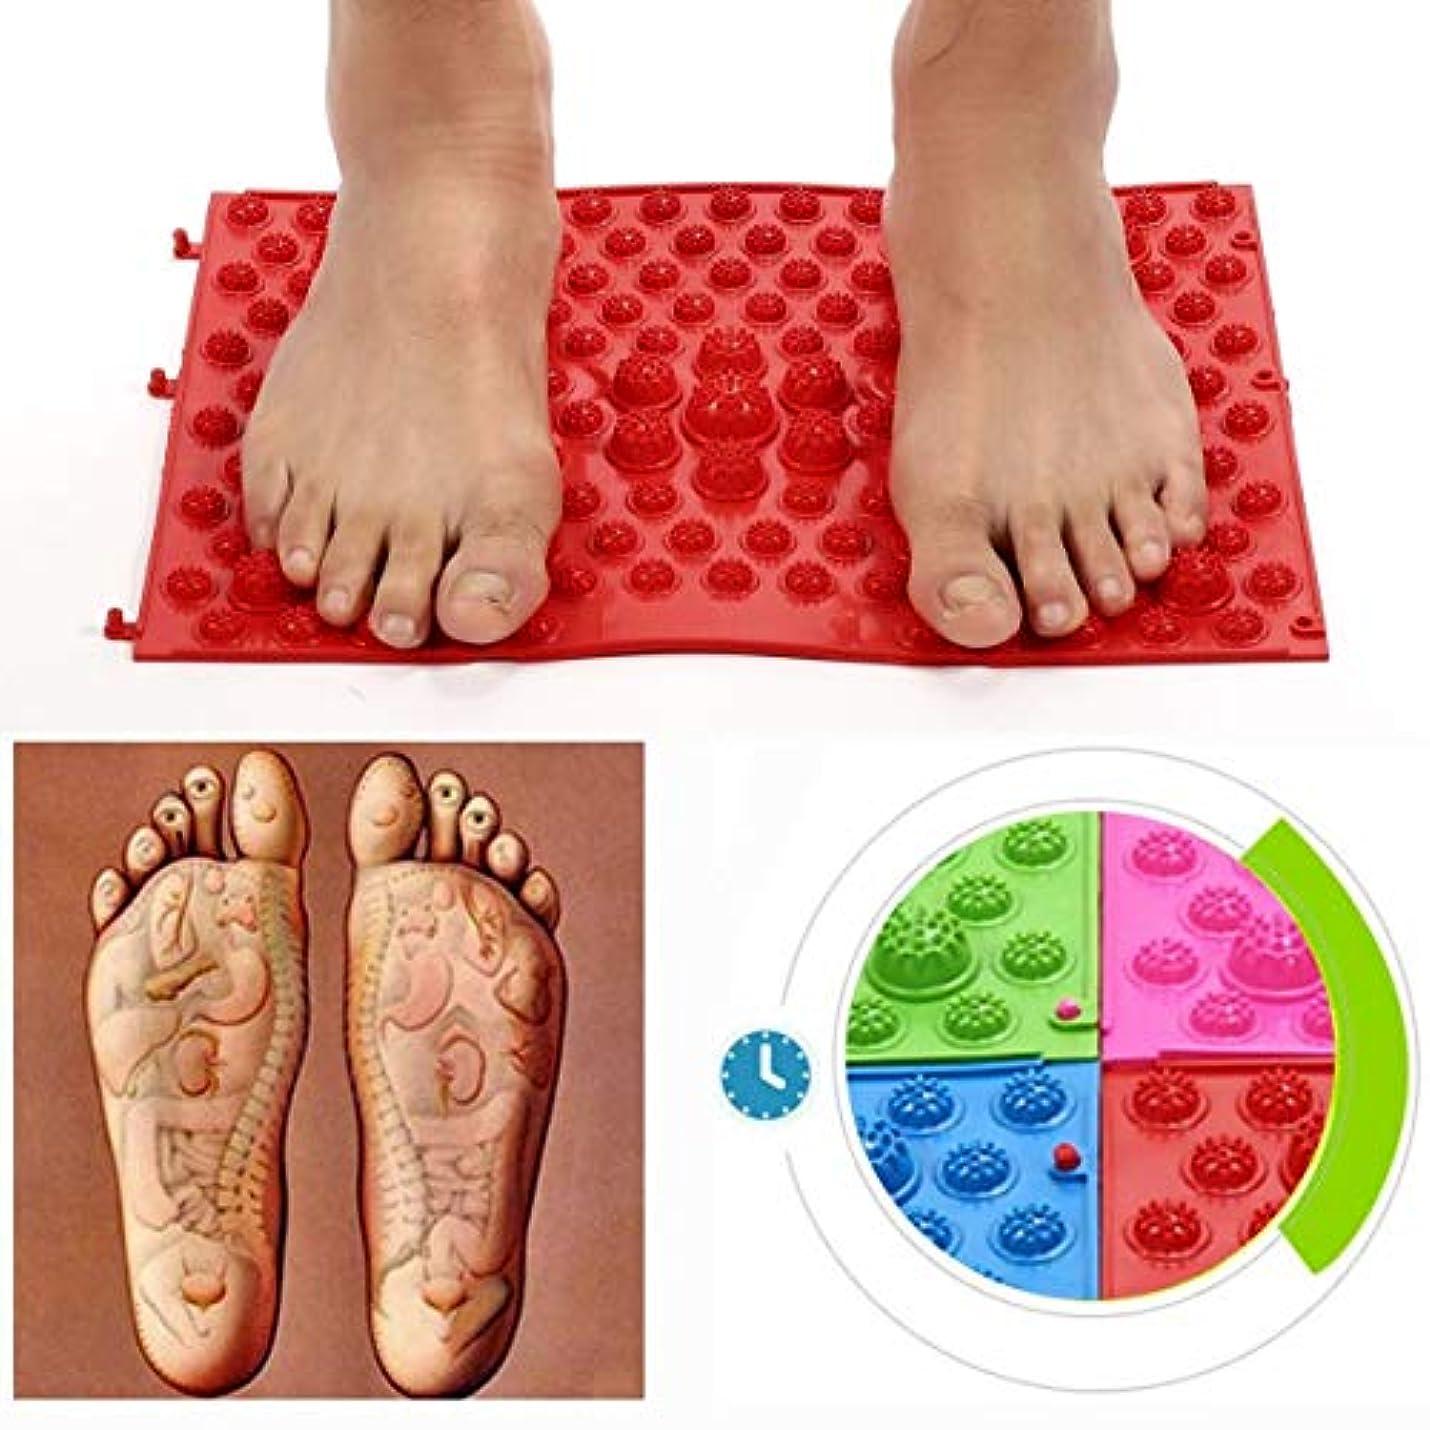 期待する不均一ハイキングAcupressure Foot Mats Running Man Game Same Type Foot Reflexology Walking Massage Mat for Pain Relief Stress Relief 37x27.5cm